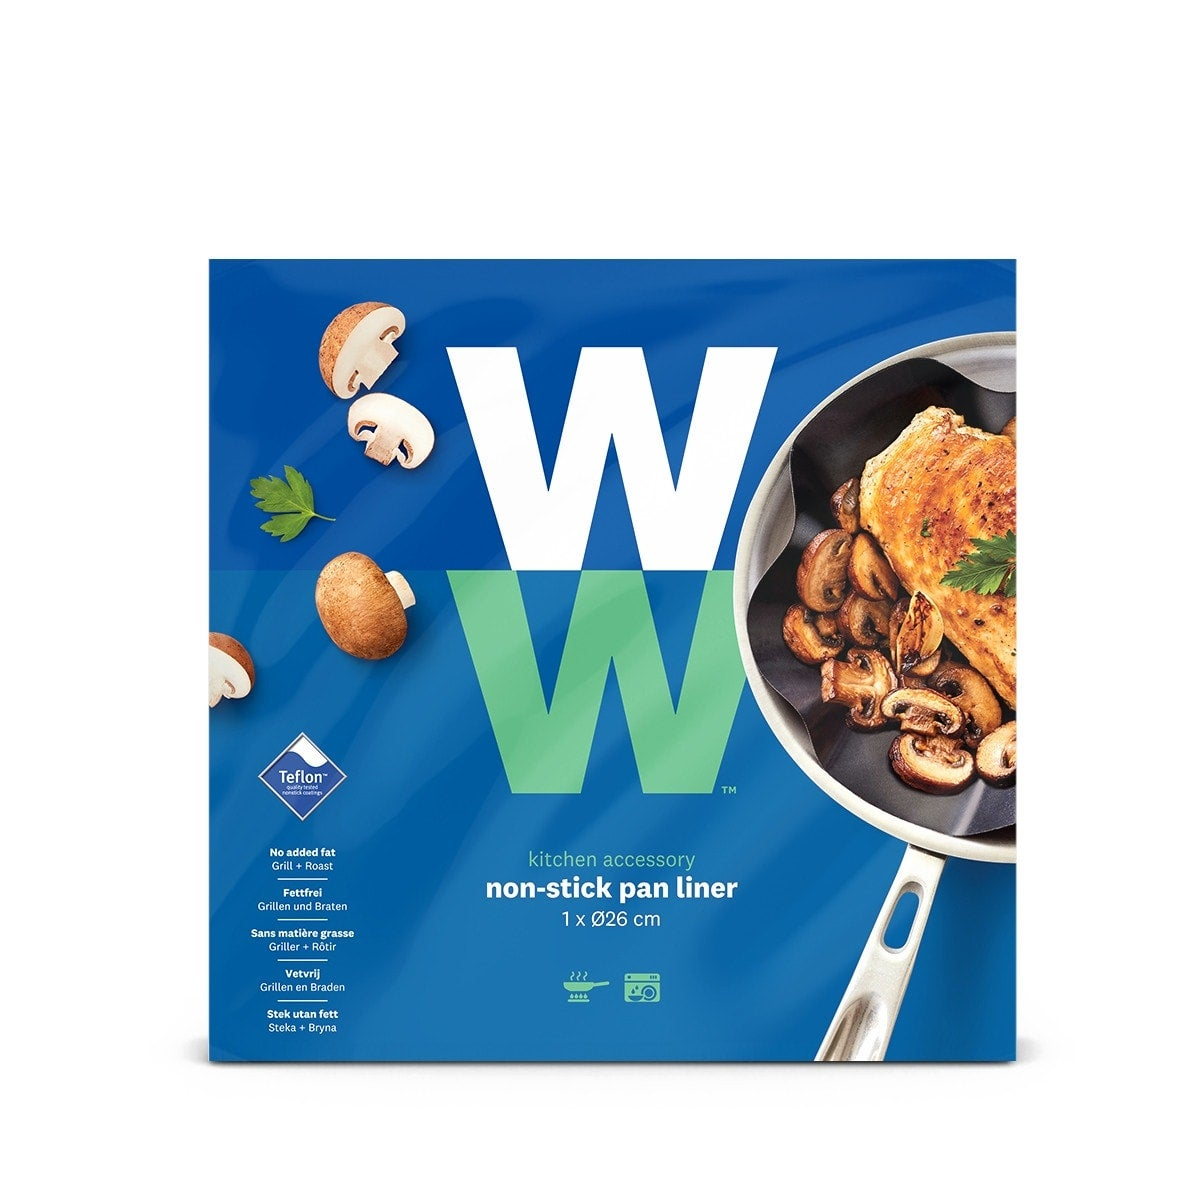 WW Bratfolie für Mehrfachverwendung  in blauer und grüner Verpackung mit Produktbild